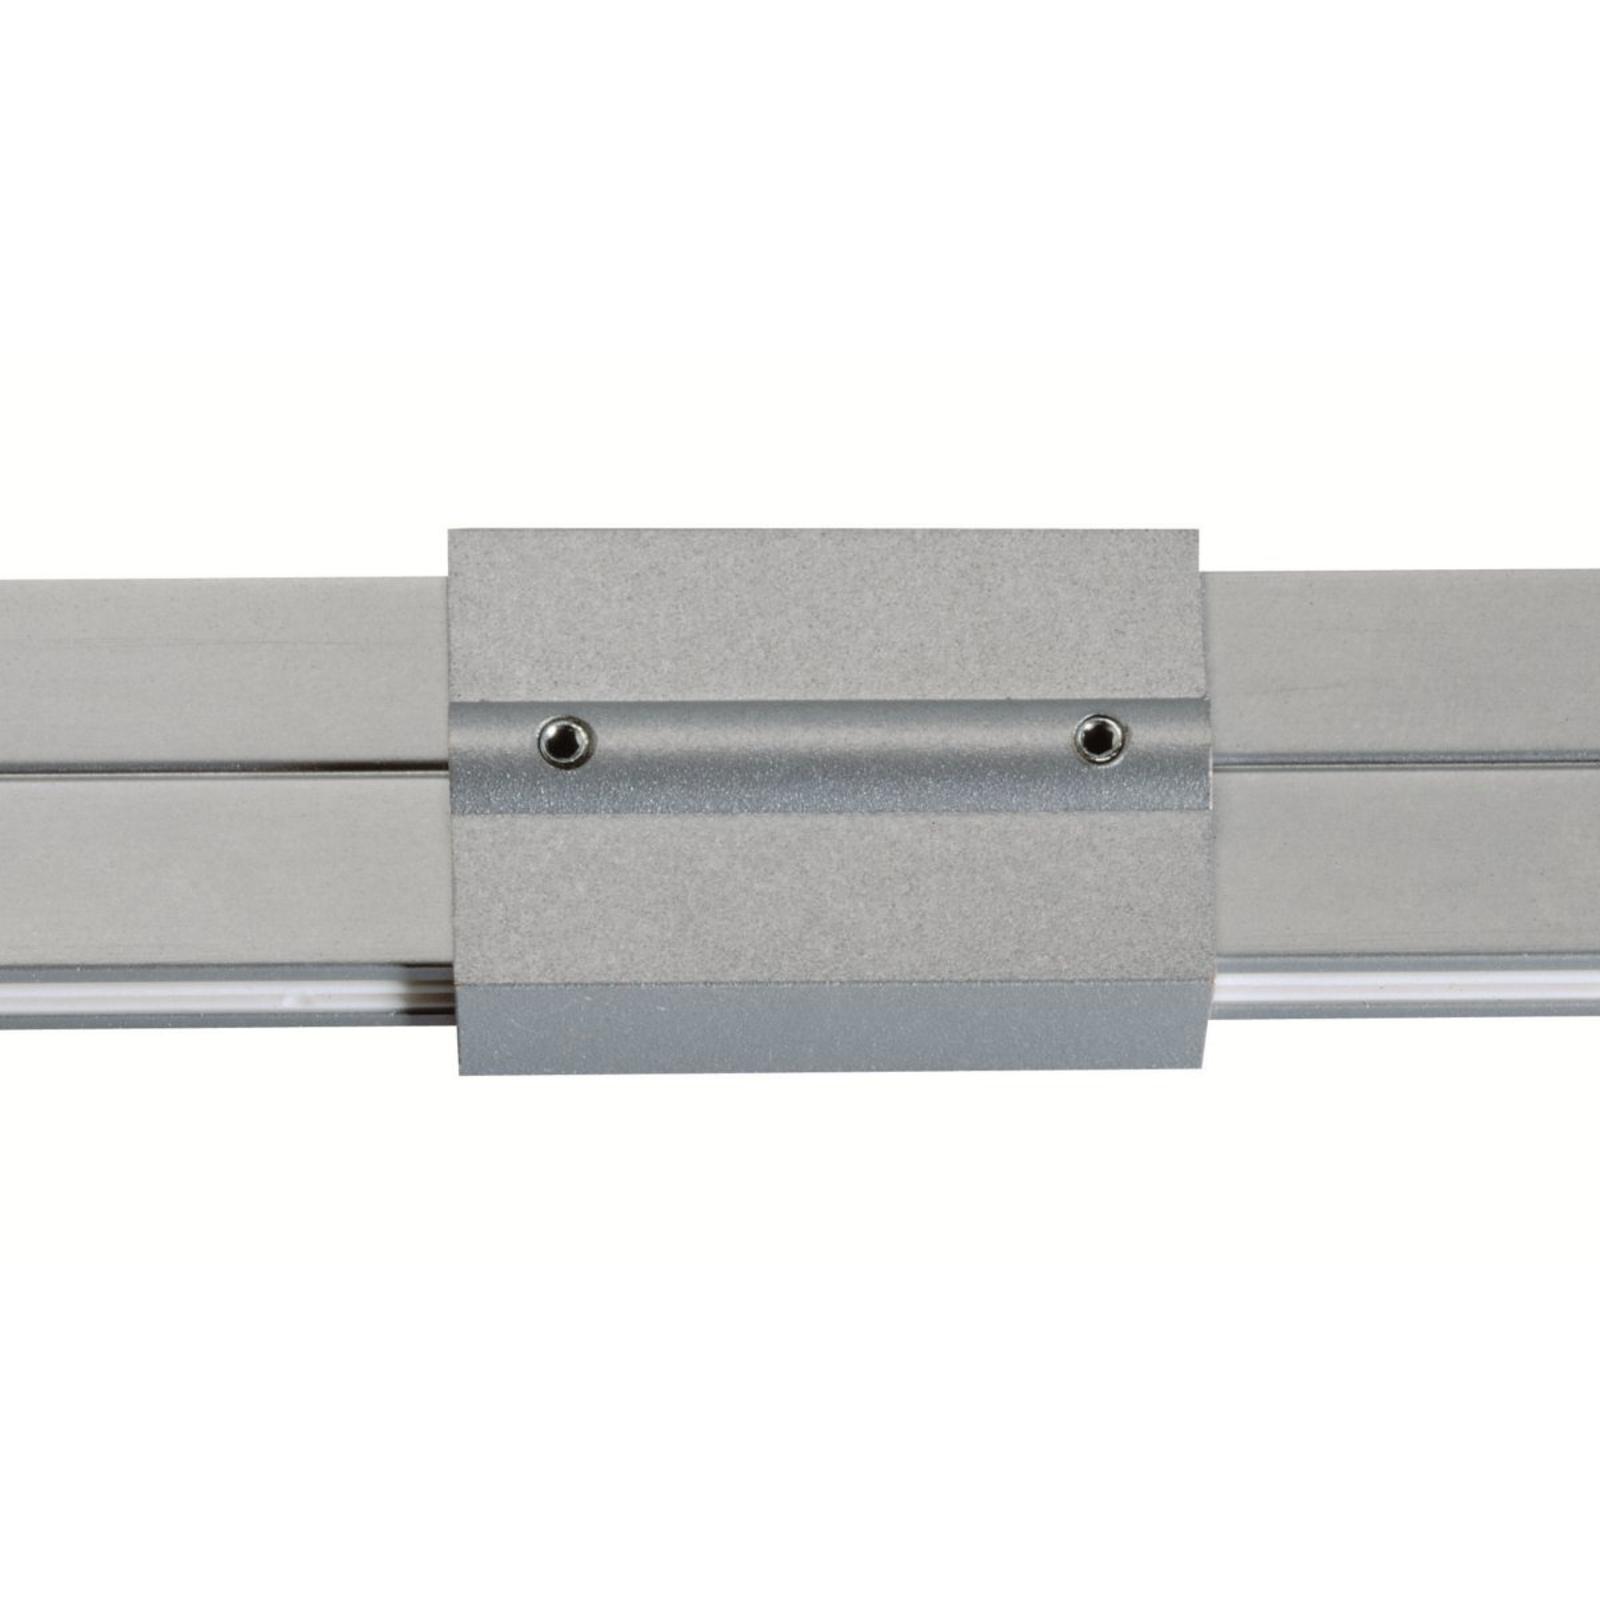 OLIGO Check-In Kupplung zu Schienensystem